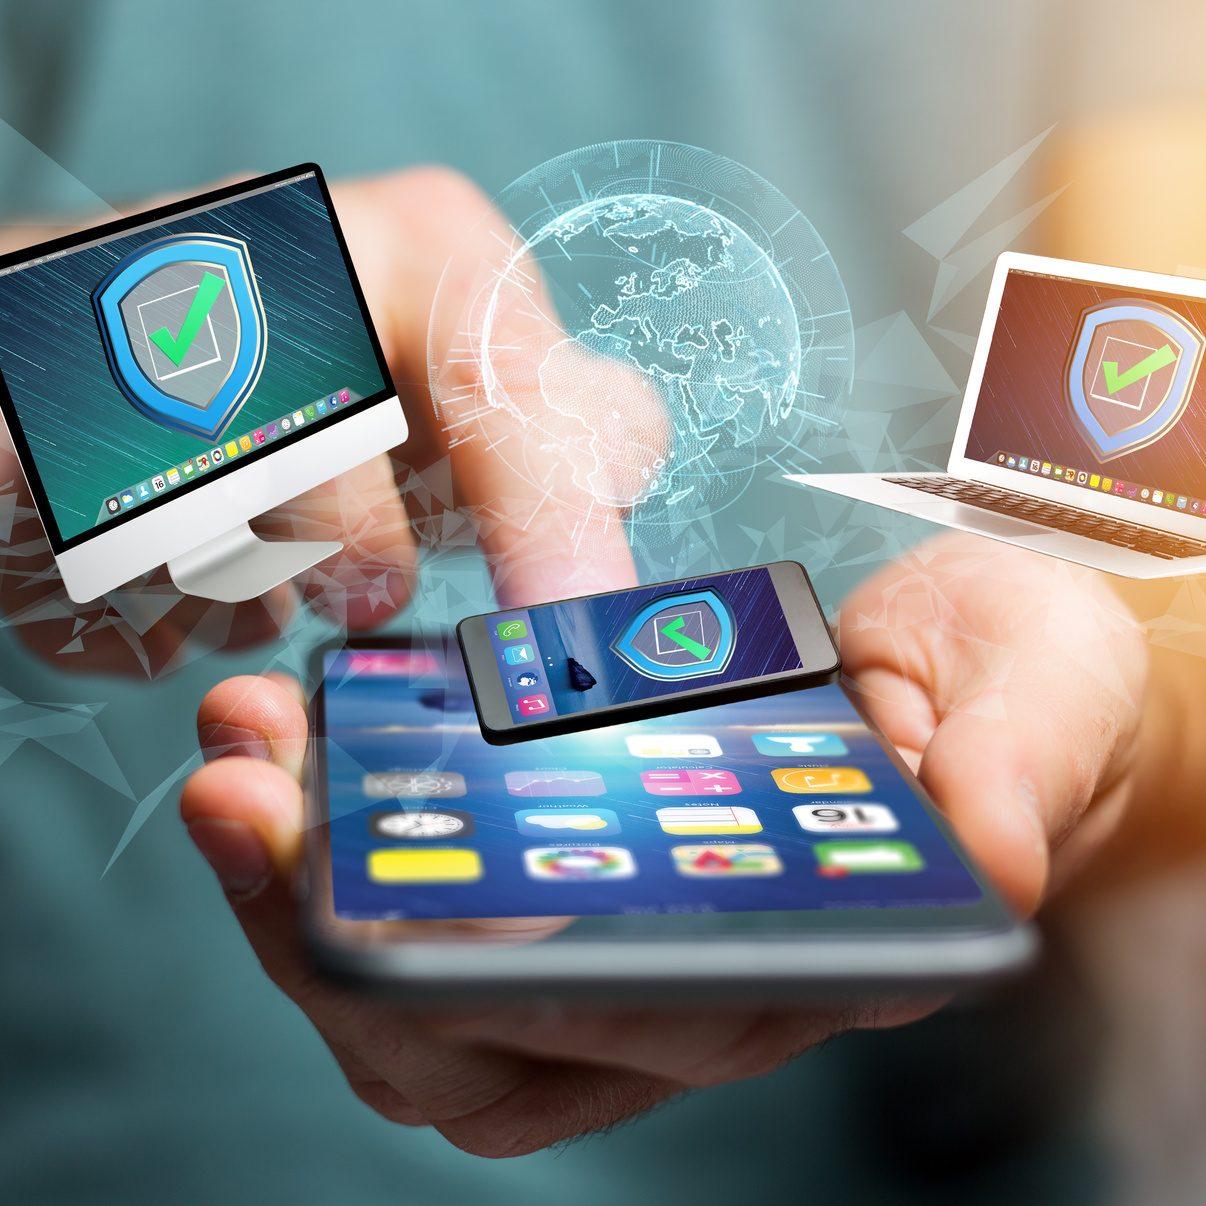 PCS et autres données sensibles sécurisées et accessibles